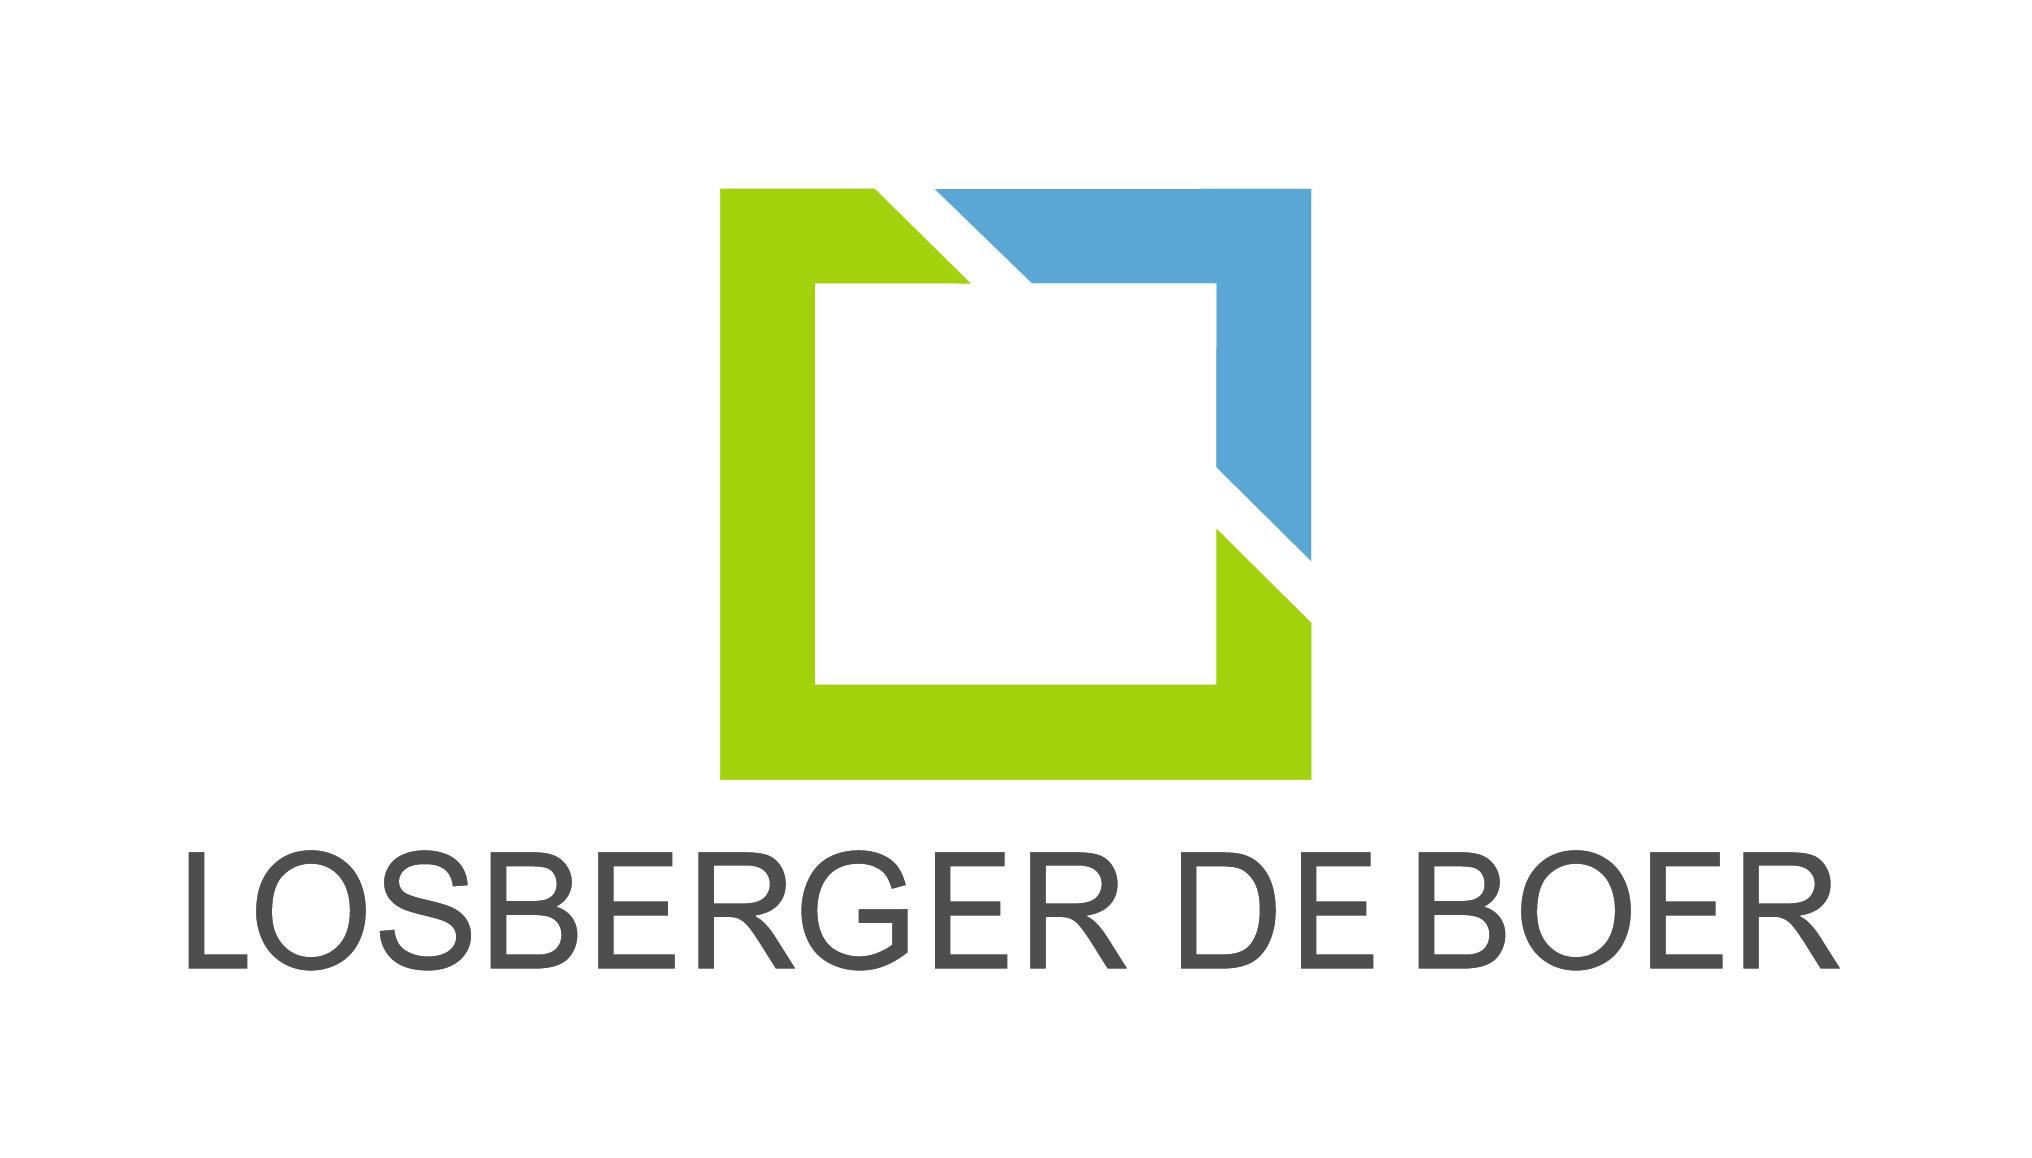 LDB_Logo_spaced_RGB.jpg